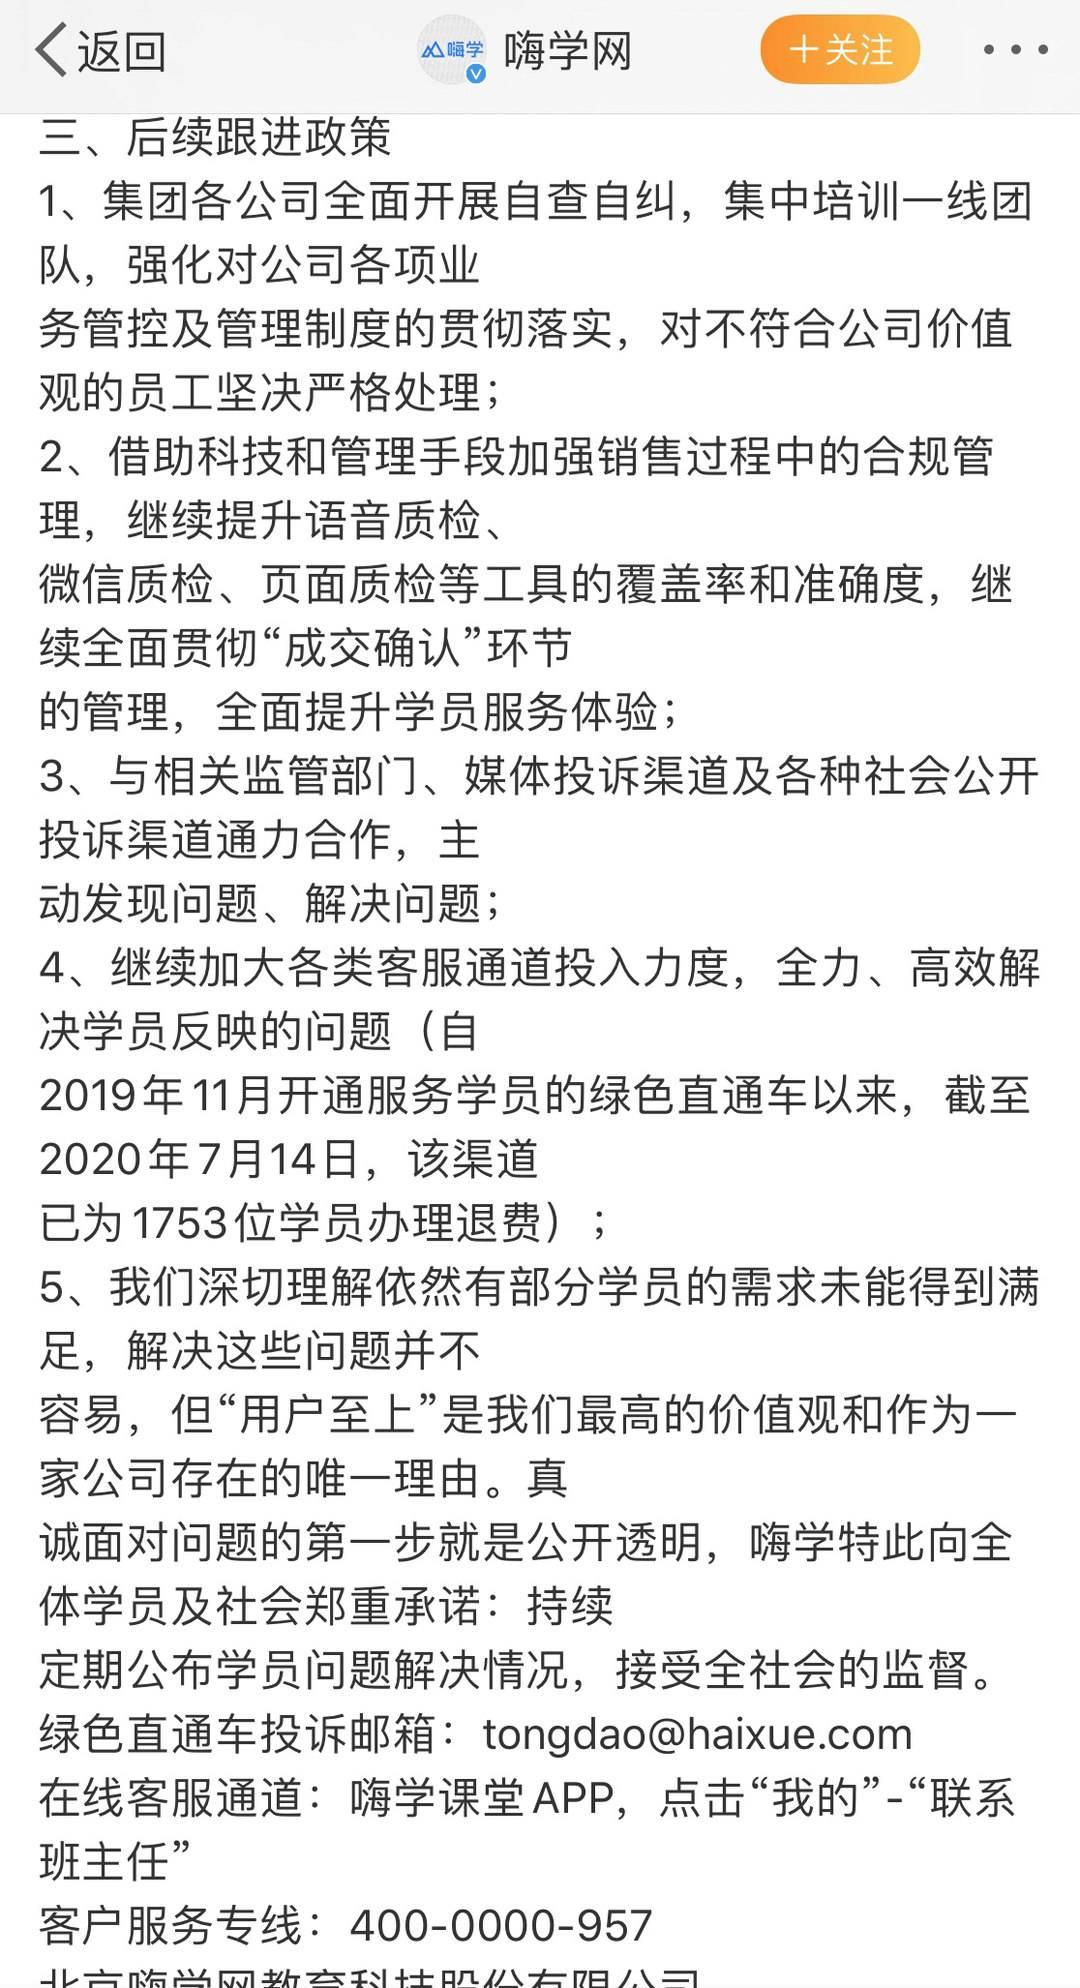 嗨学网再发声明:涉事主管此前已离职 将持续定期公布学员问题解决情况